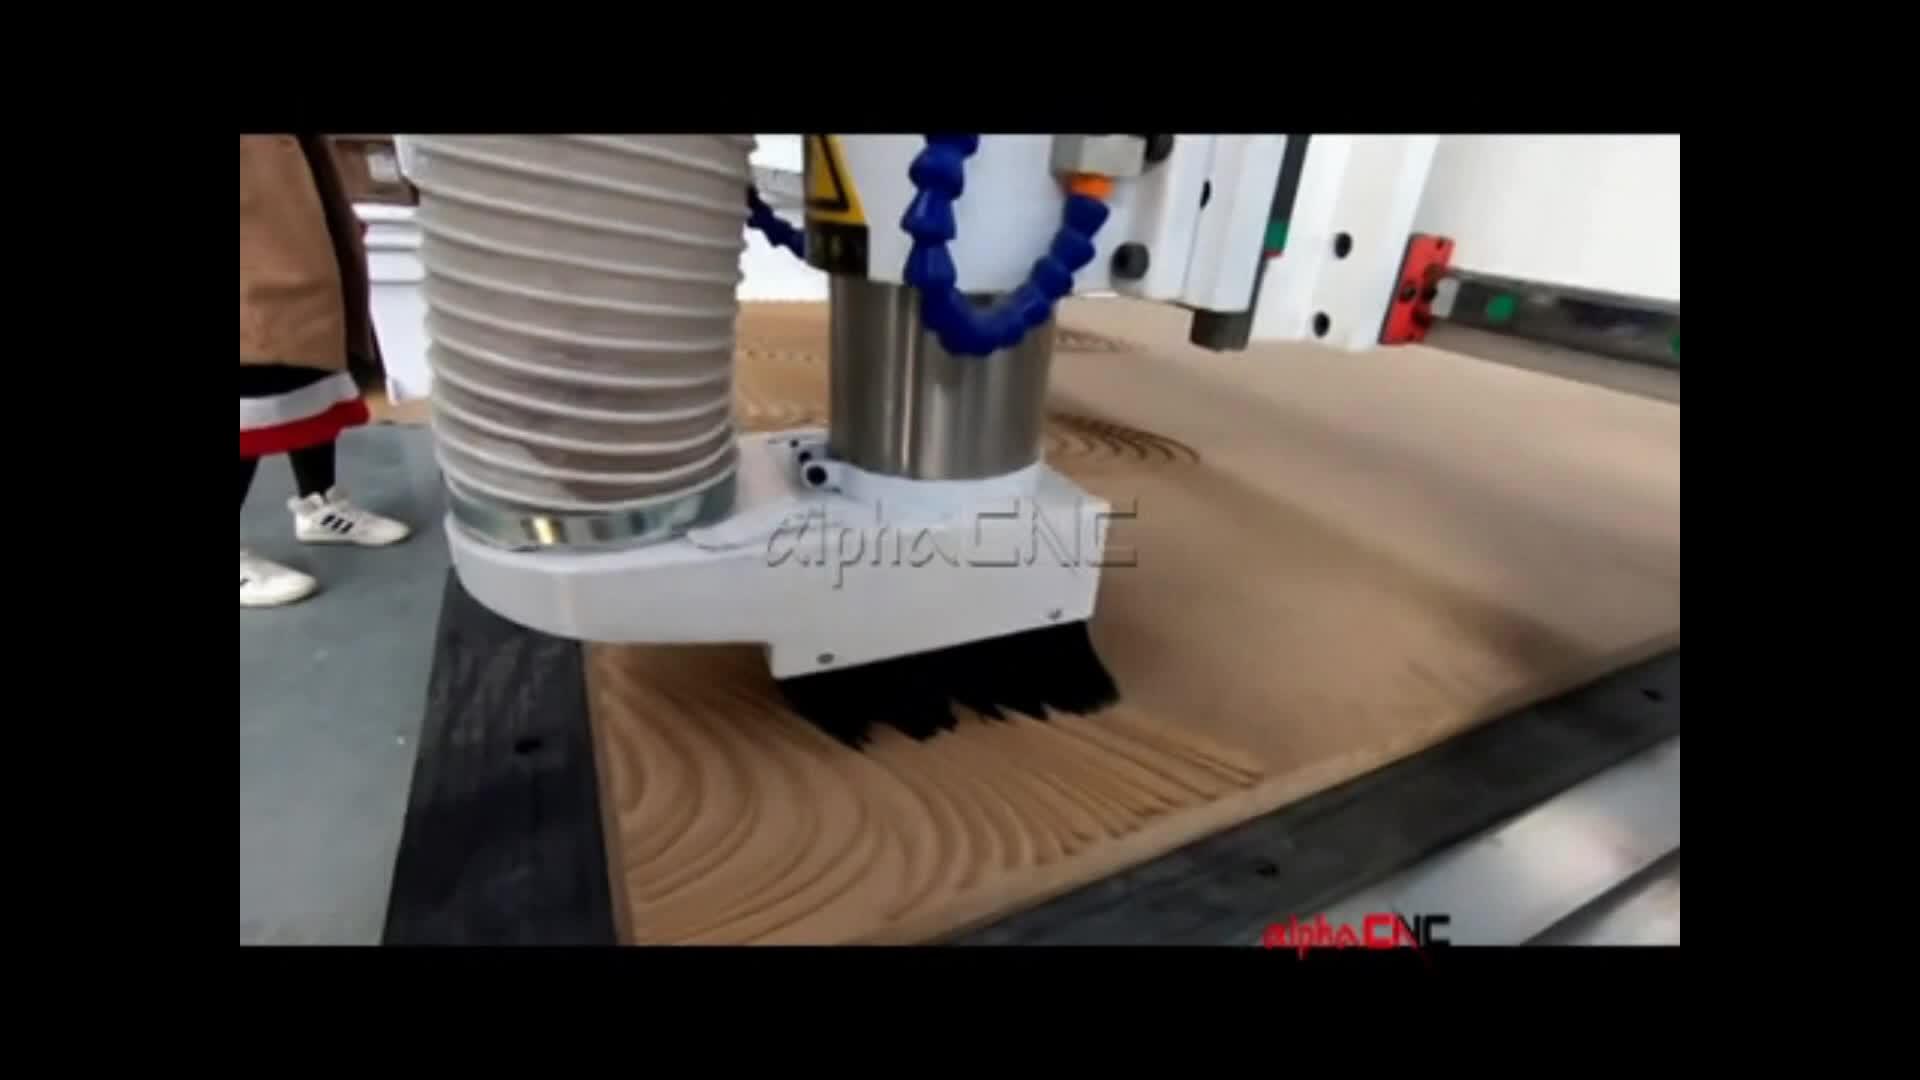 Preço barato e de Boa Qualidade CNC Máquina Router 1325 Máquina de Escultura Em Madeira Indústria de Móveis Sinal De Corte De Acrílico